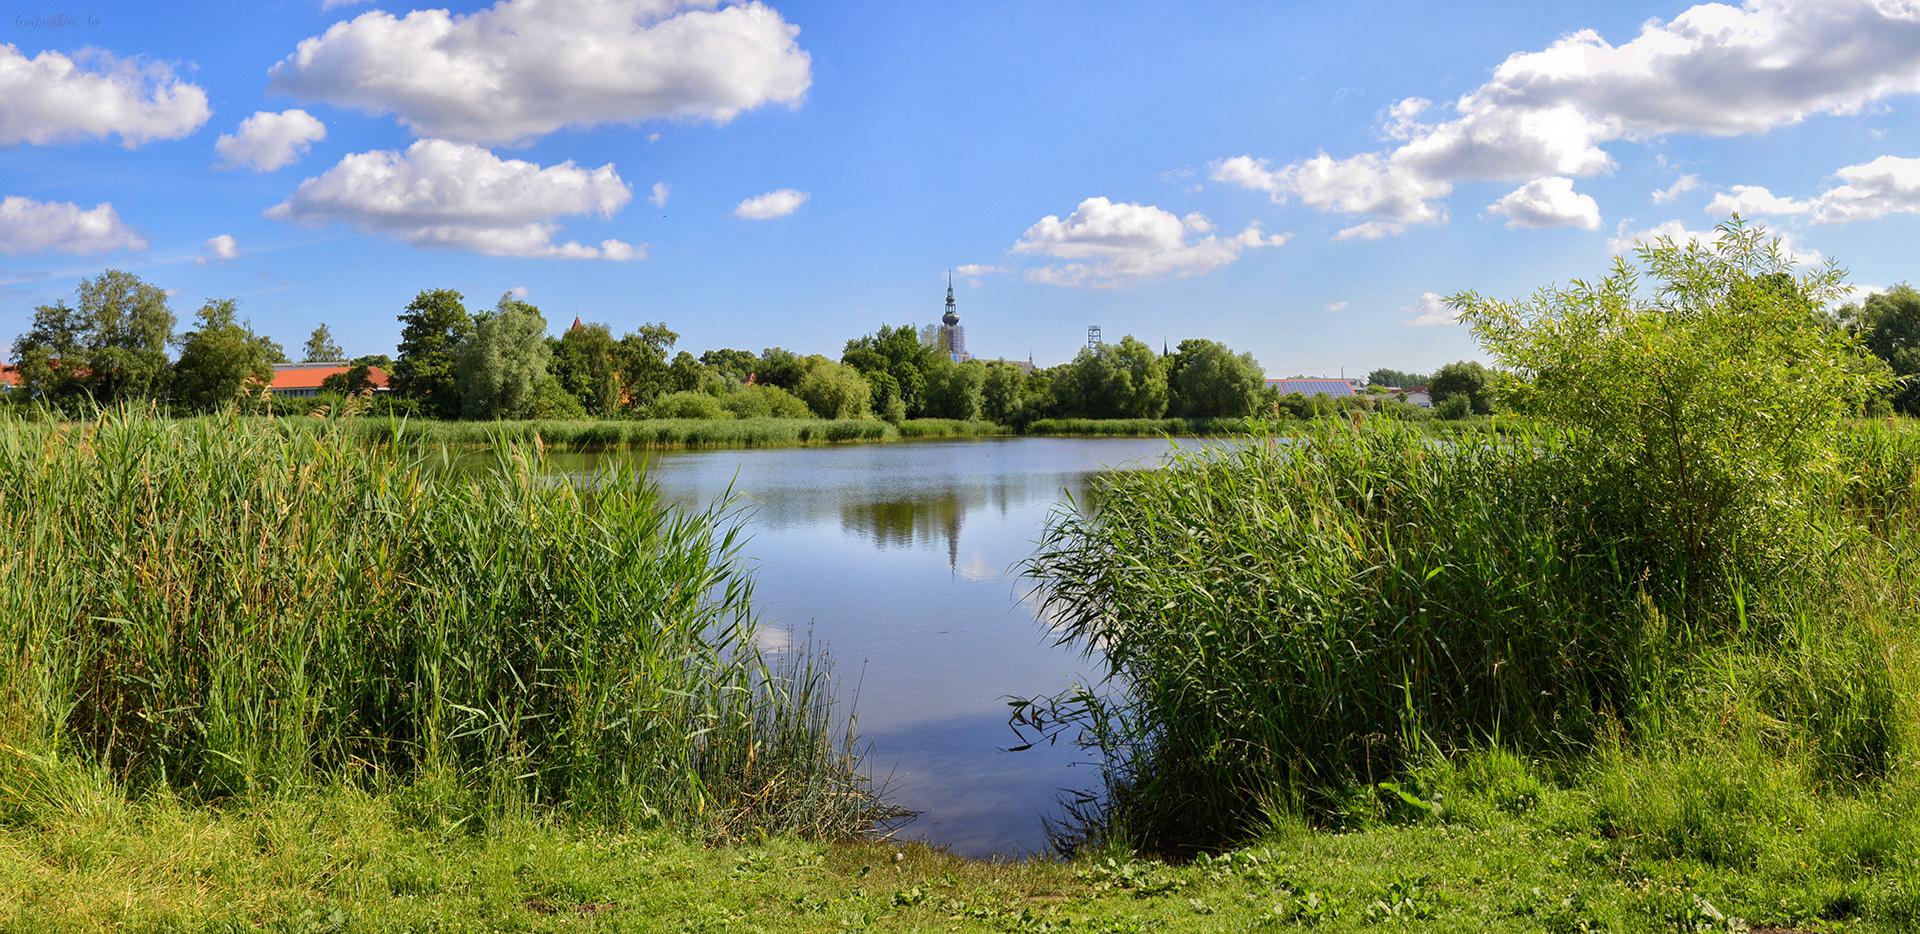 Natur am Rande der Stadt Greifswald